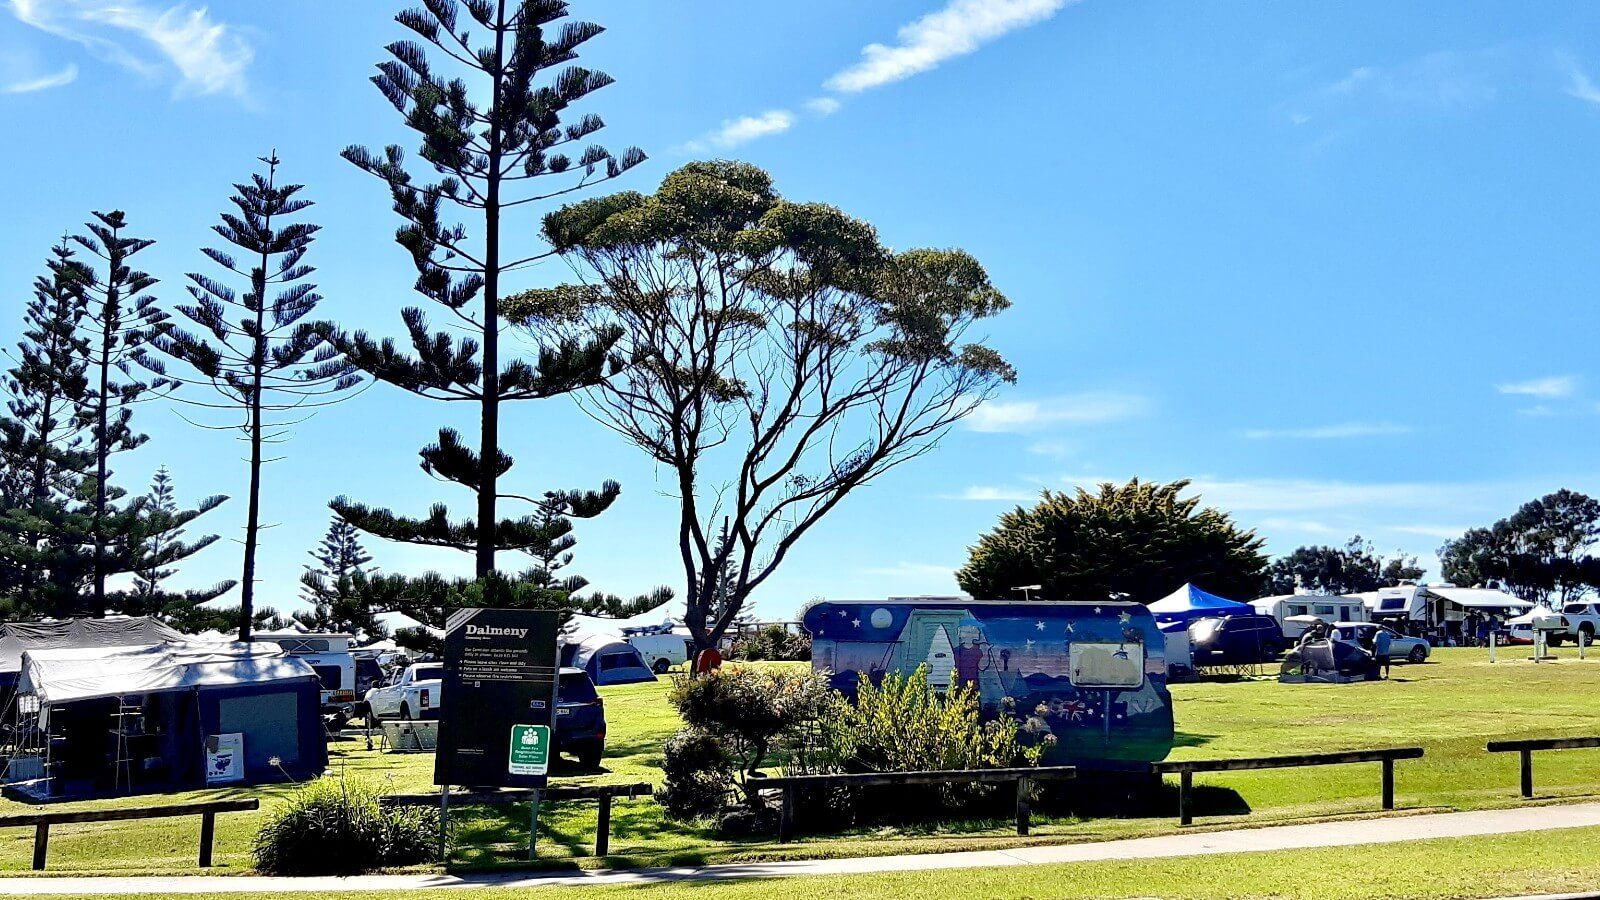 Camping sites at Dalmeny campground   banner image